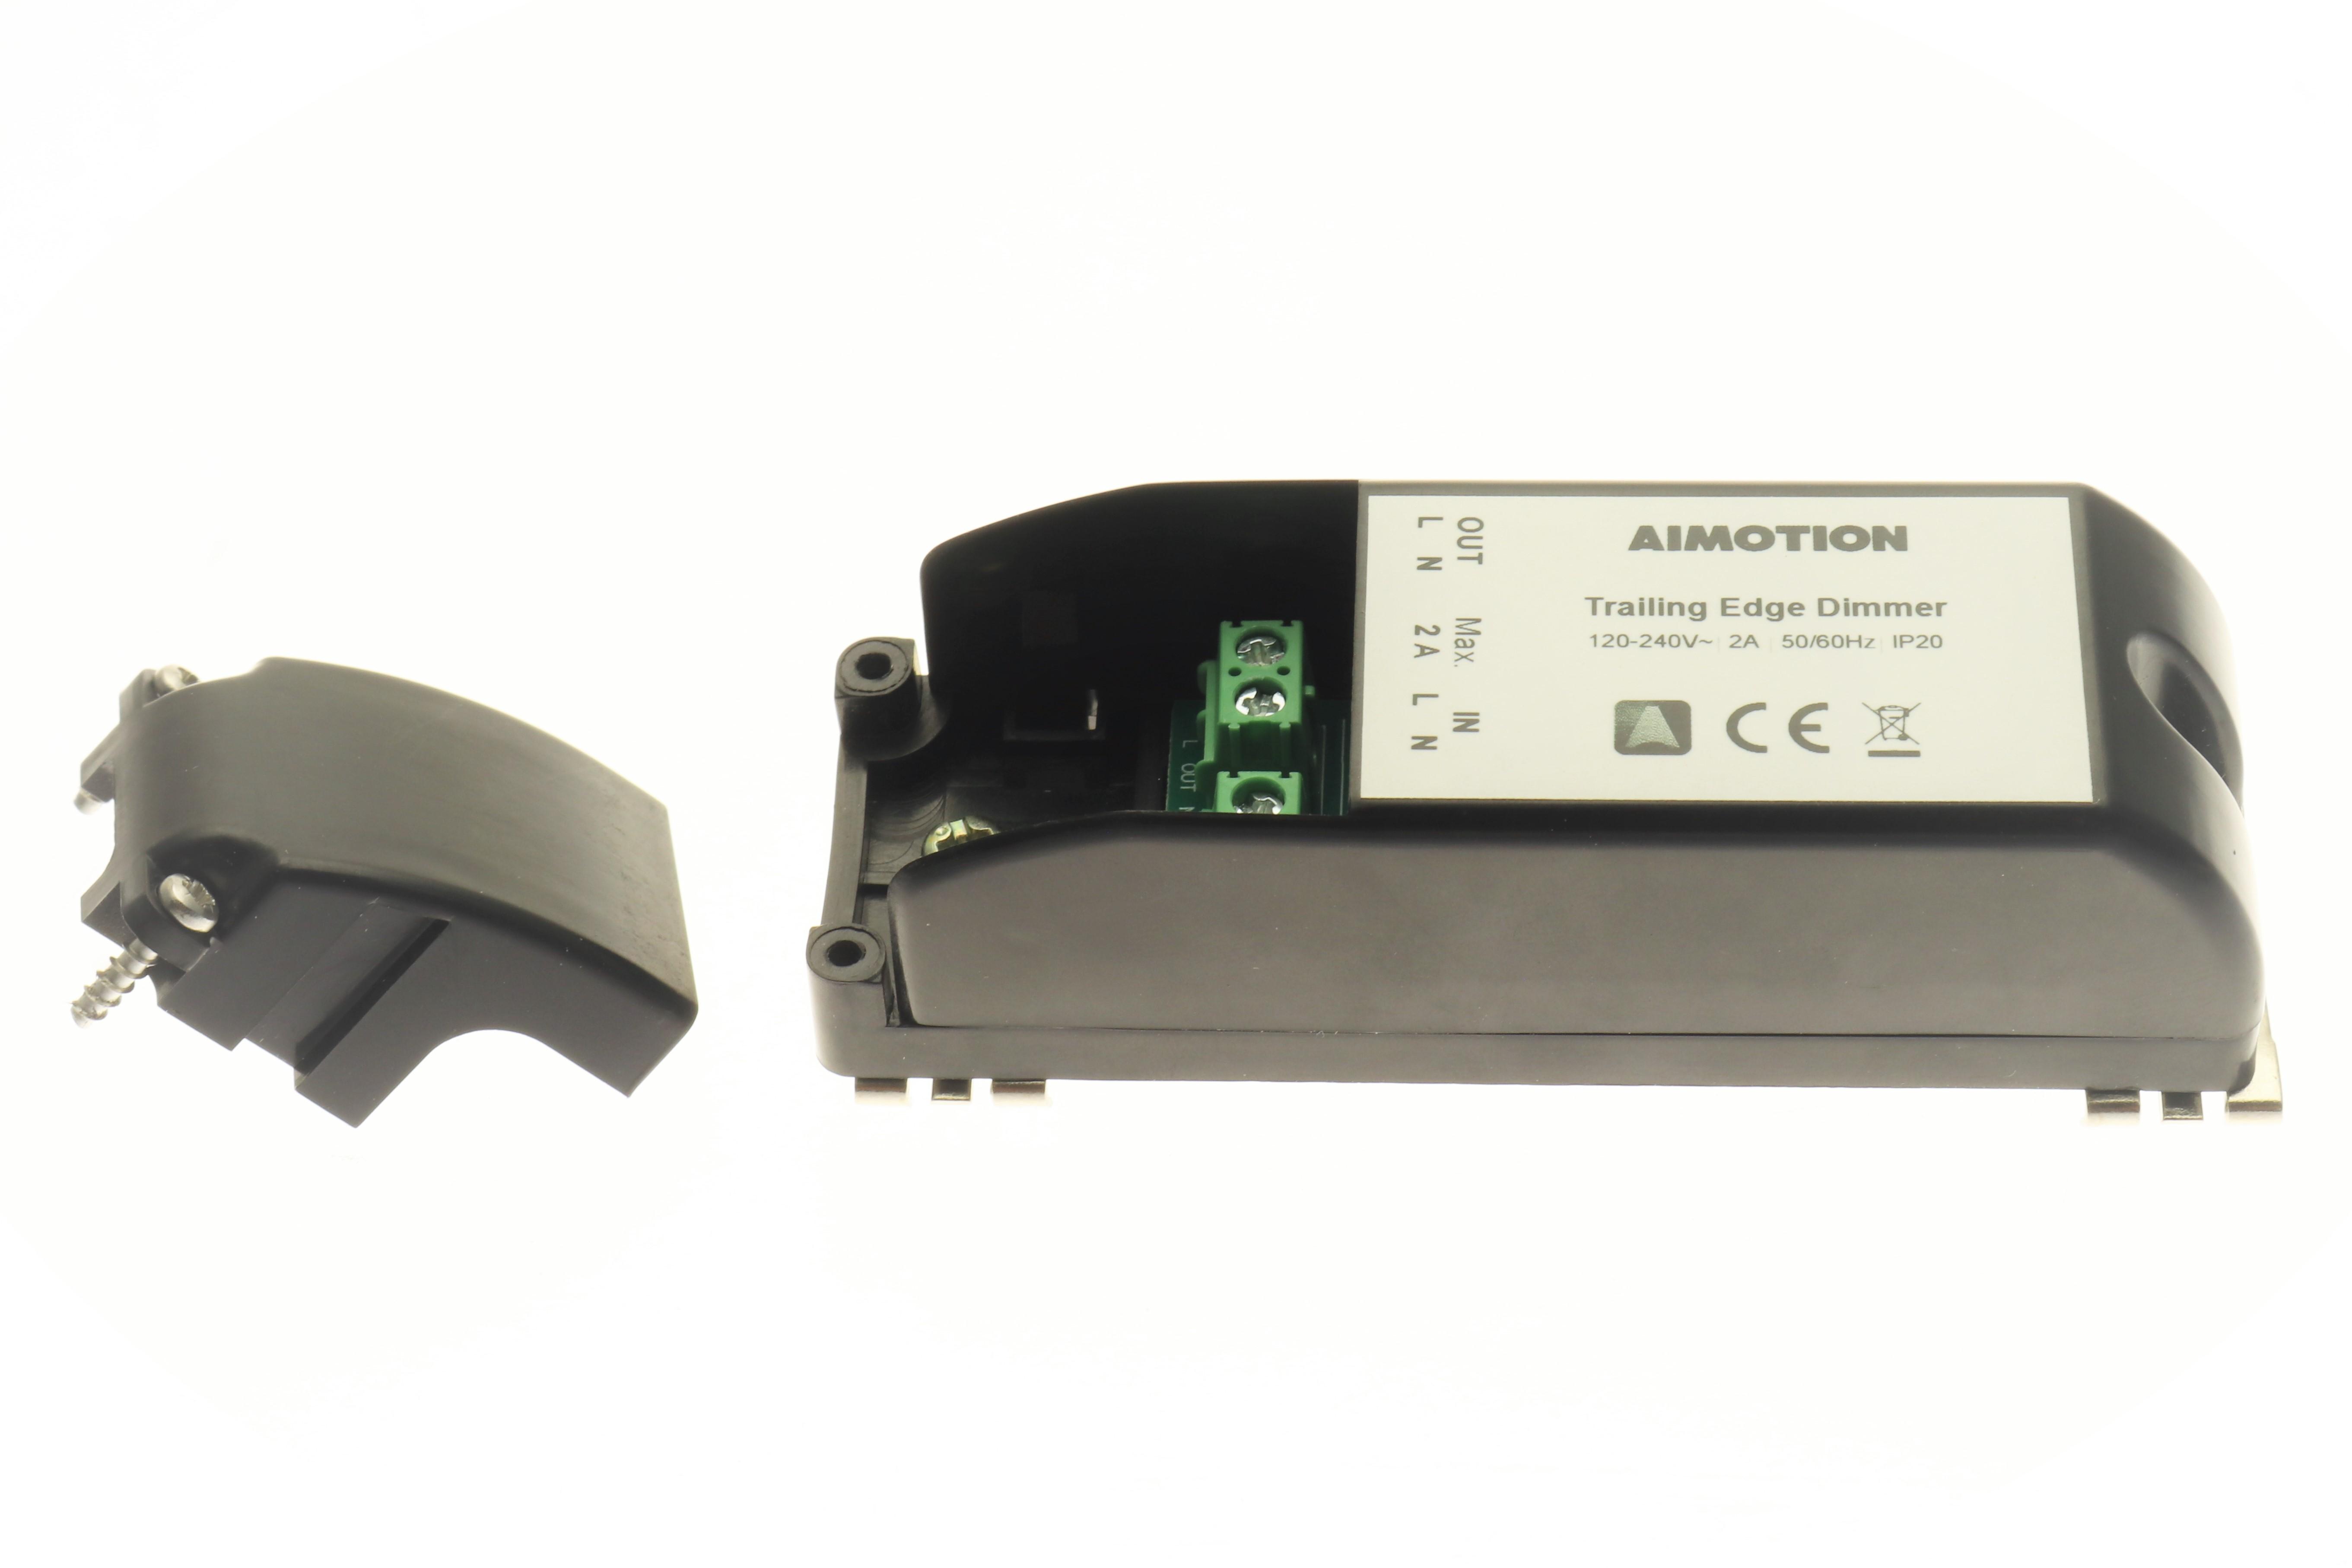 Aimotion 230V Phasenabschnitt Dimmer 460W, Montage im Schaltschrank / Hutschiene